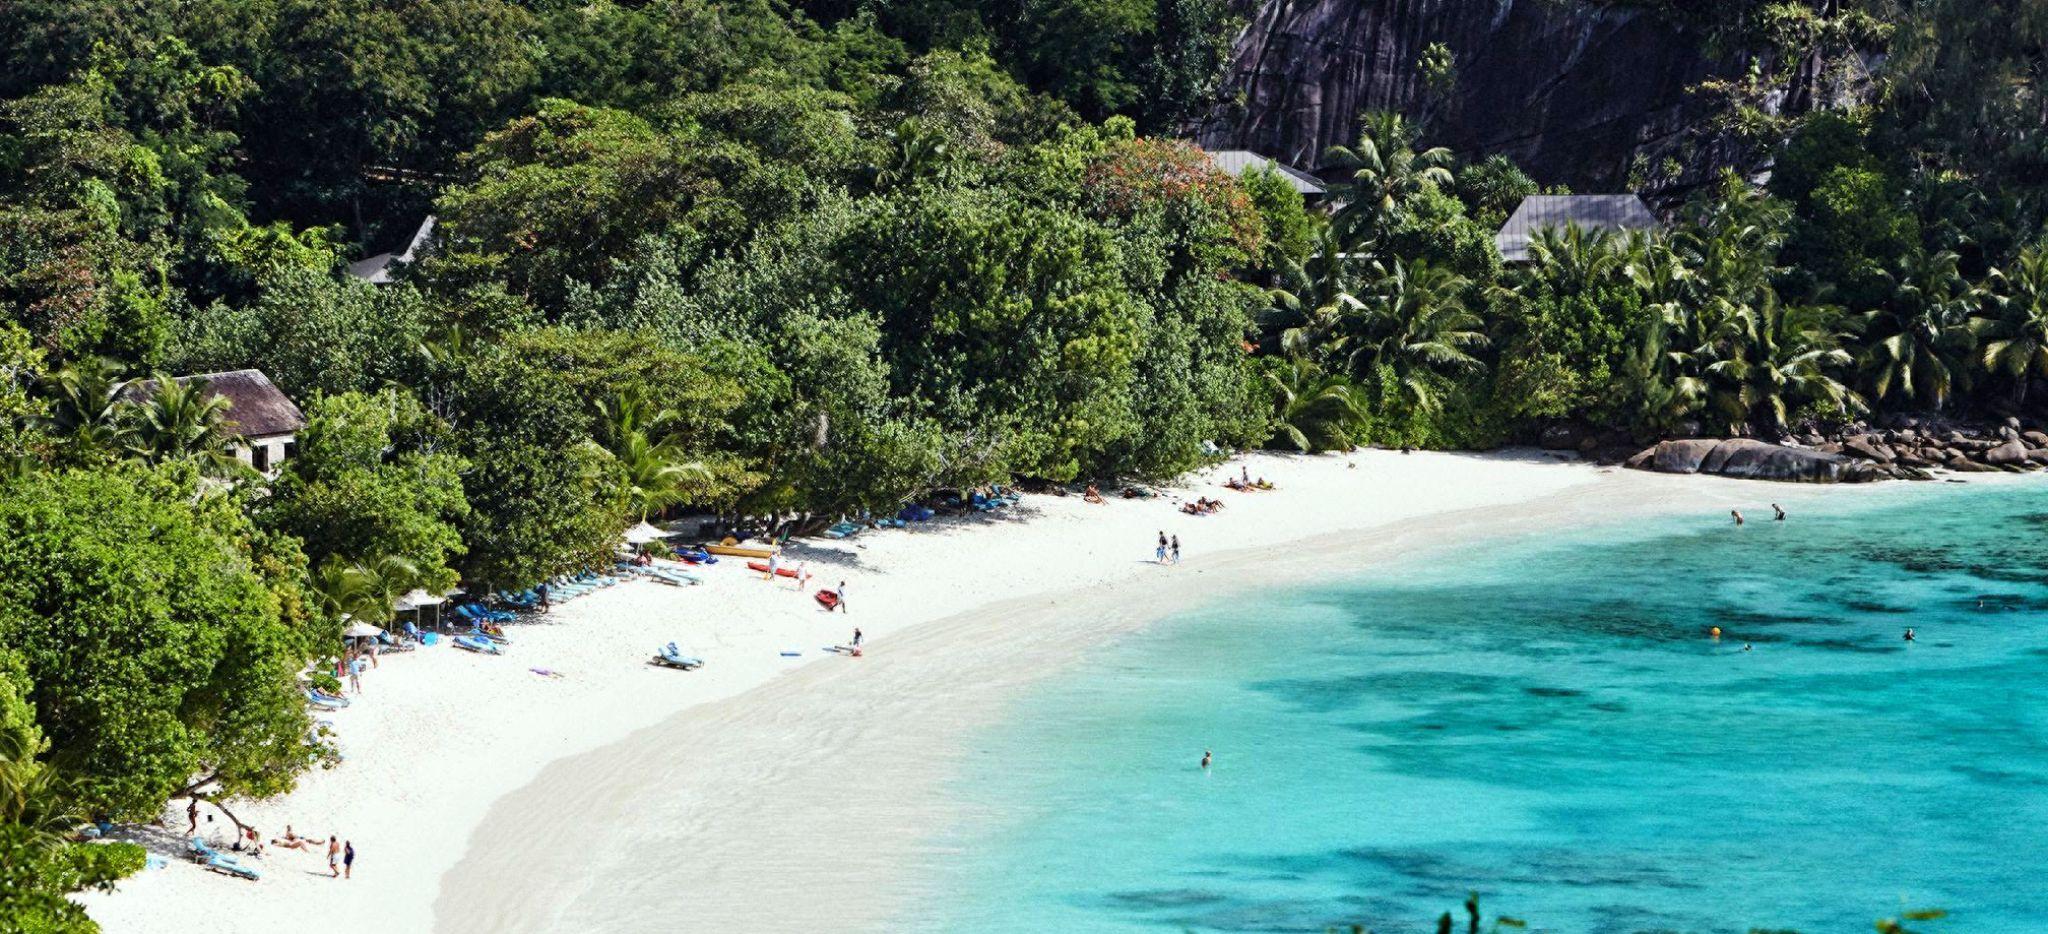 Der Strand Petite Anse mit dem Hotel Four Seasons Resort Seychelles und Gästen am Strand und im Meer.